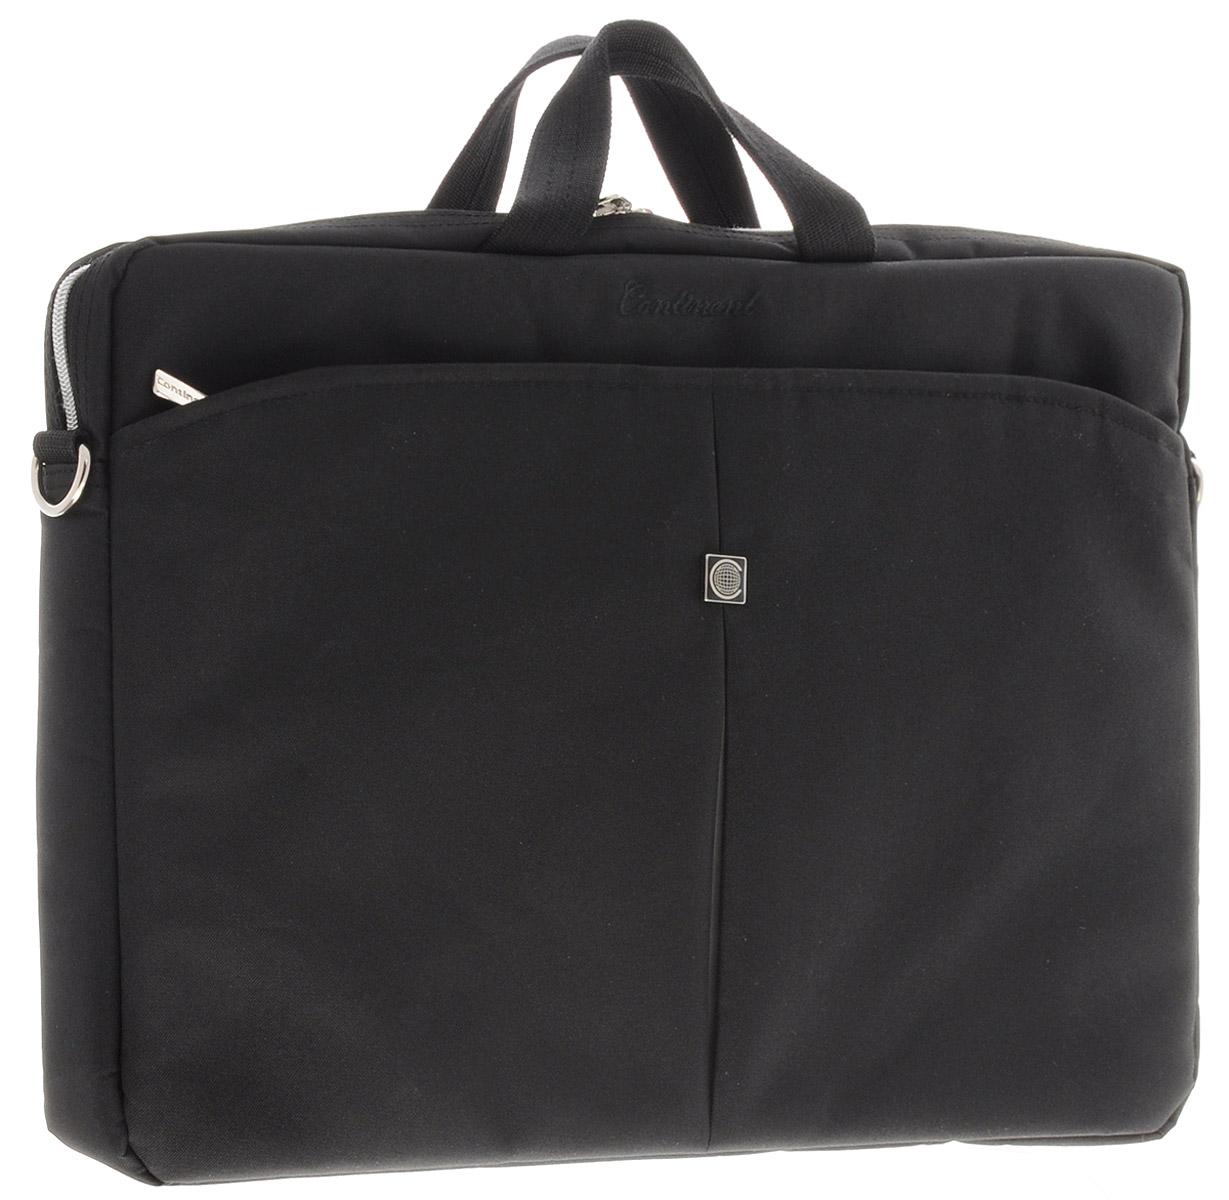 Continent CC-01, Black Silver сумка для ноутбука 15,6CC-01 Black/SilverЛегкая сумка для ноутбука Continent CC-01 с вертикальной загрузкой.Стенки сделаны из пенообразного материала для защиты ноутбука.Карман-органайзер застегивается на молнию.Удобный плечевой ремень.